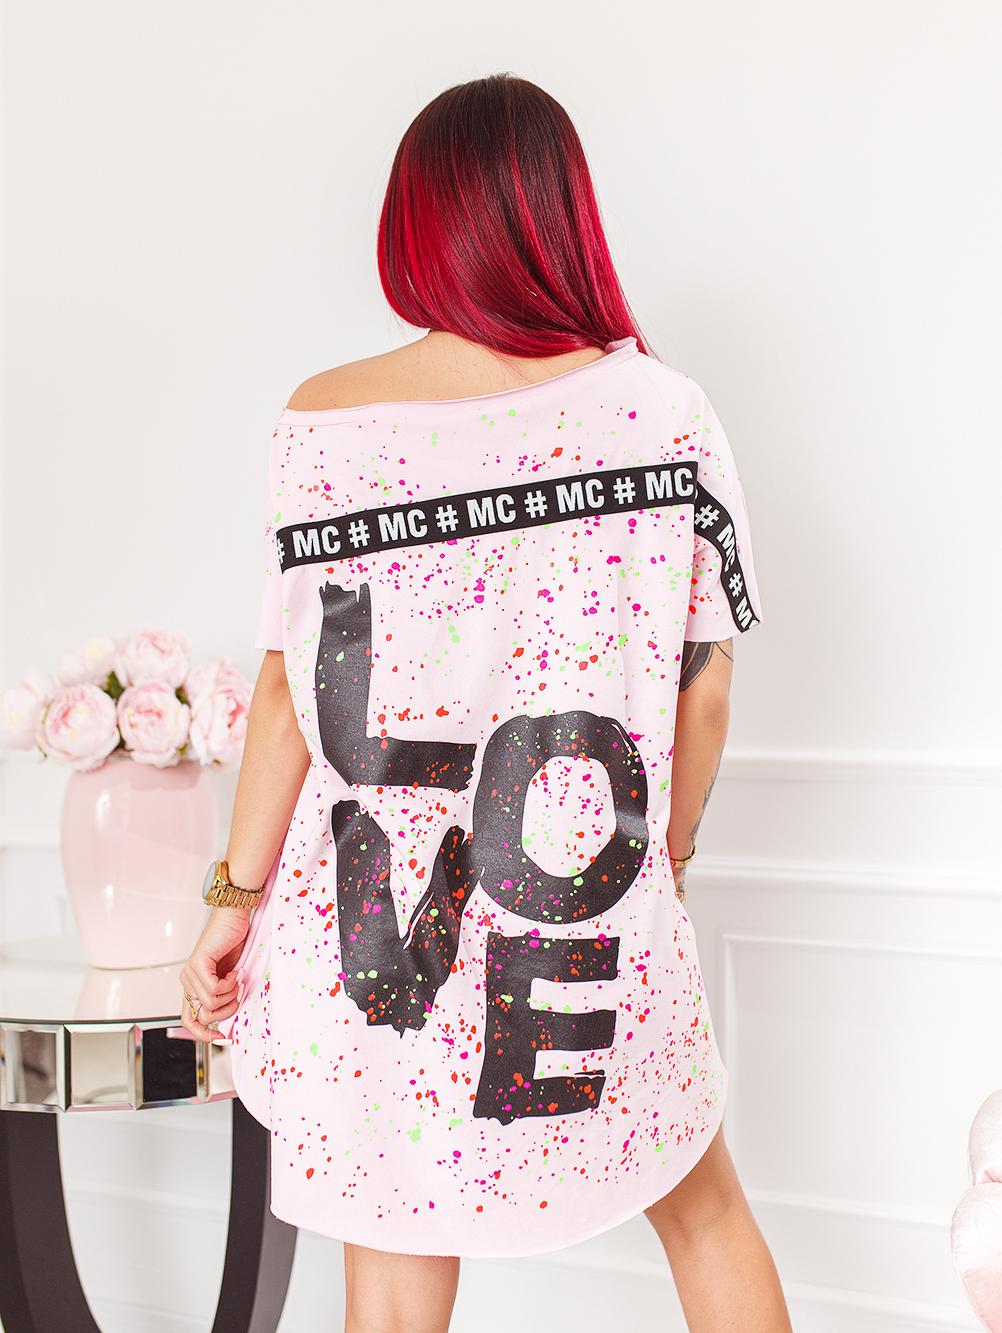 pudrowa-rozowa-bluzka-damska-z-dekoltem-w-lodke-w-kolorwe-plamki-z-napisem-love (5)